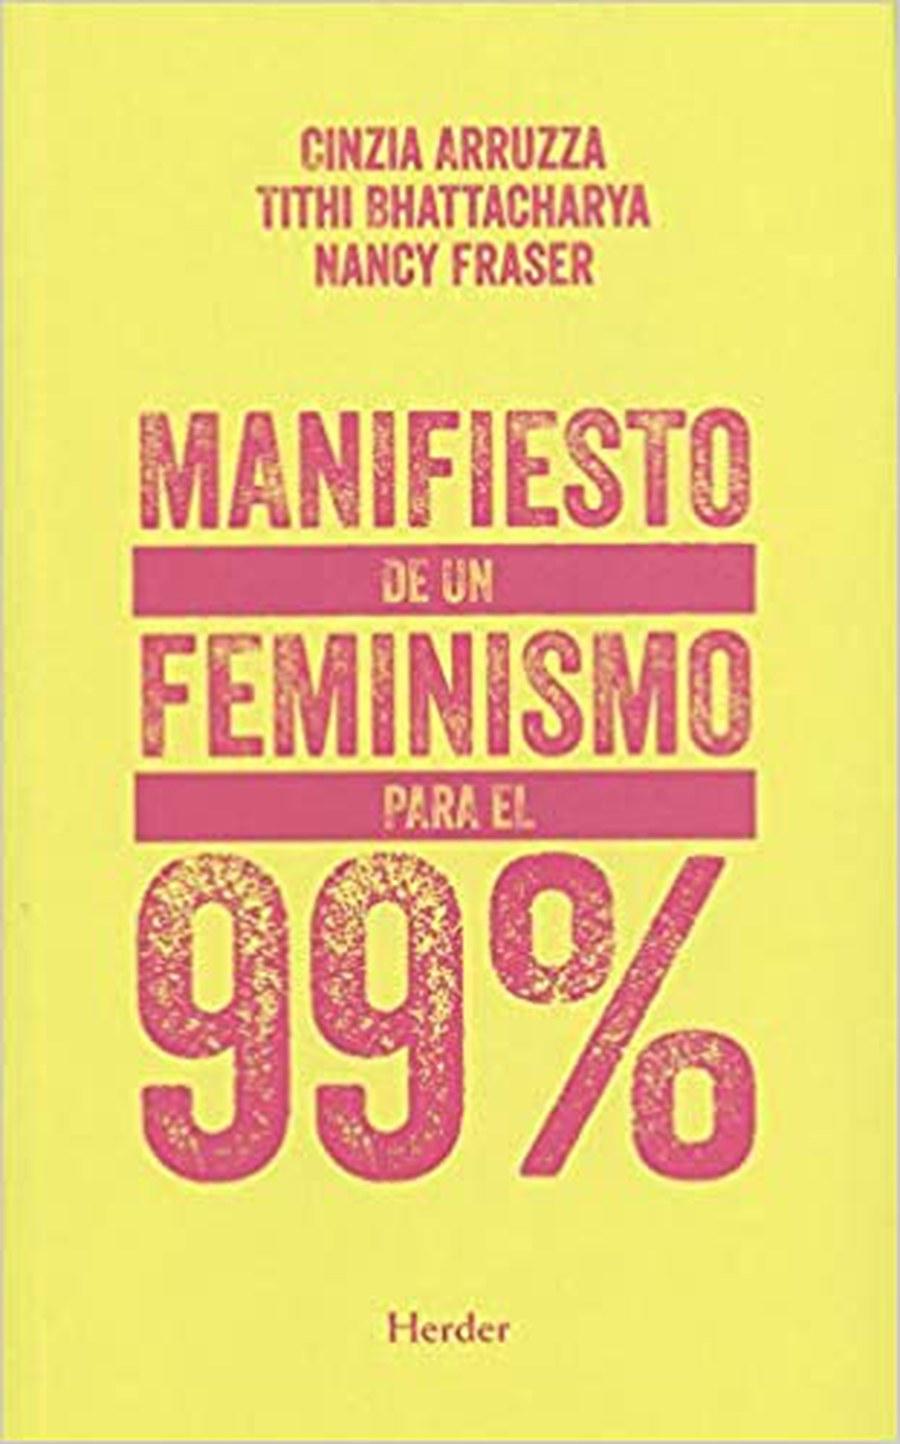 Feminismo para el 99.jpg